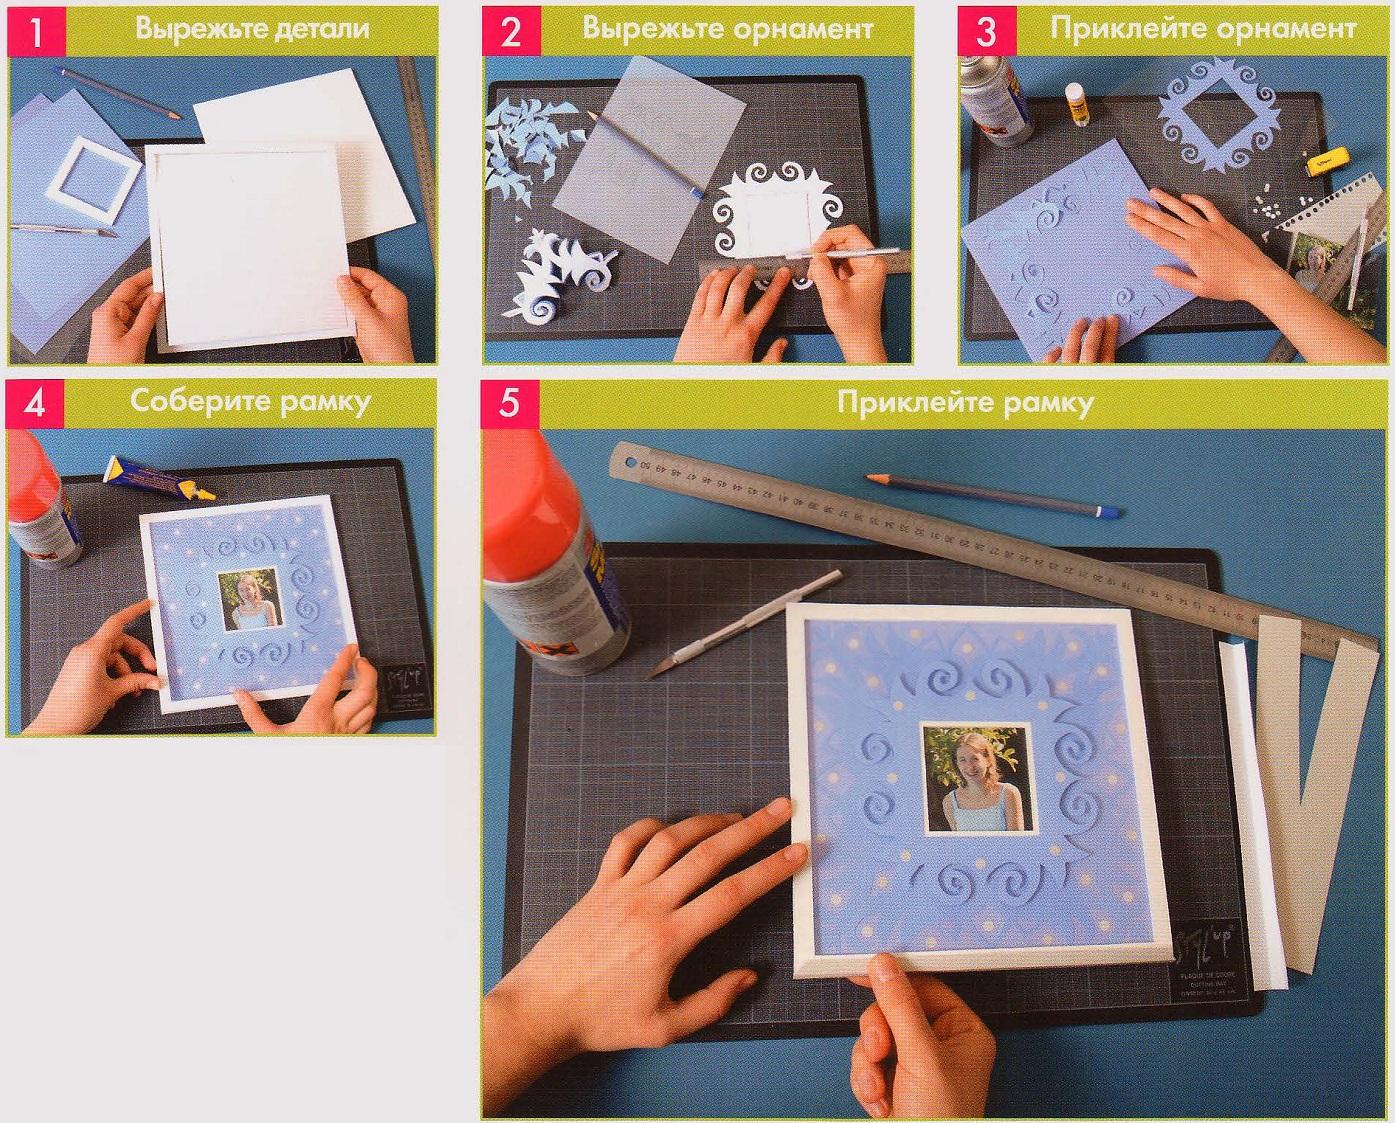 Как самой сделать рамки для из бумаги